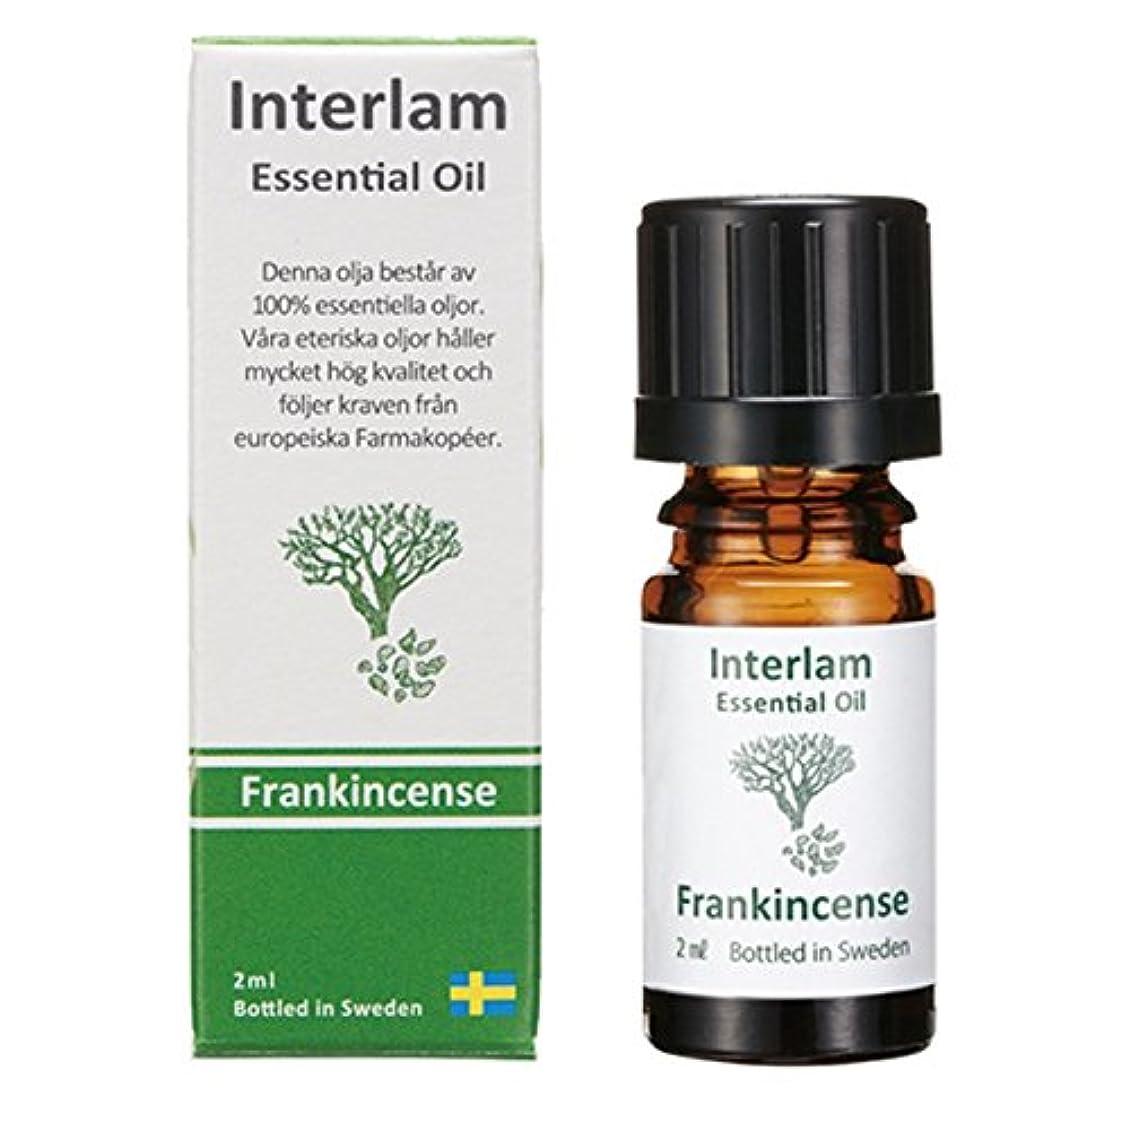 使用法実質的閃光Interlam エッセンシャルオイル フランキンセンス 2ml